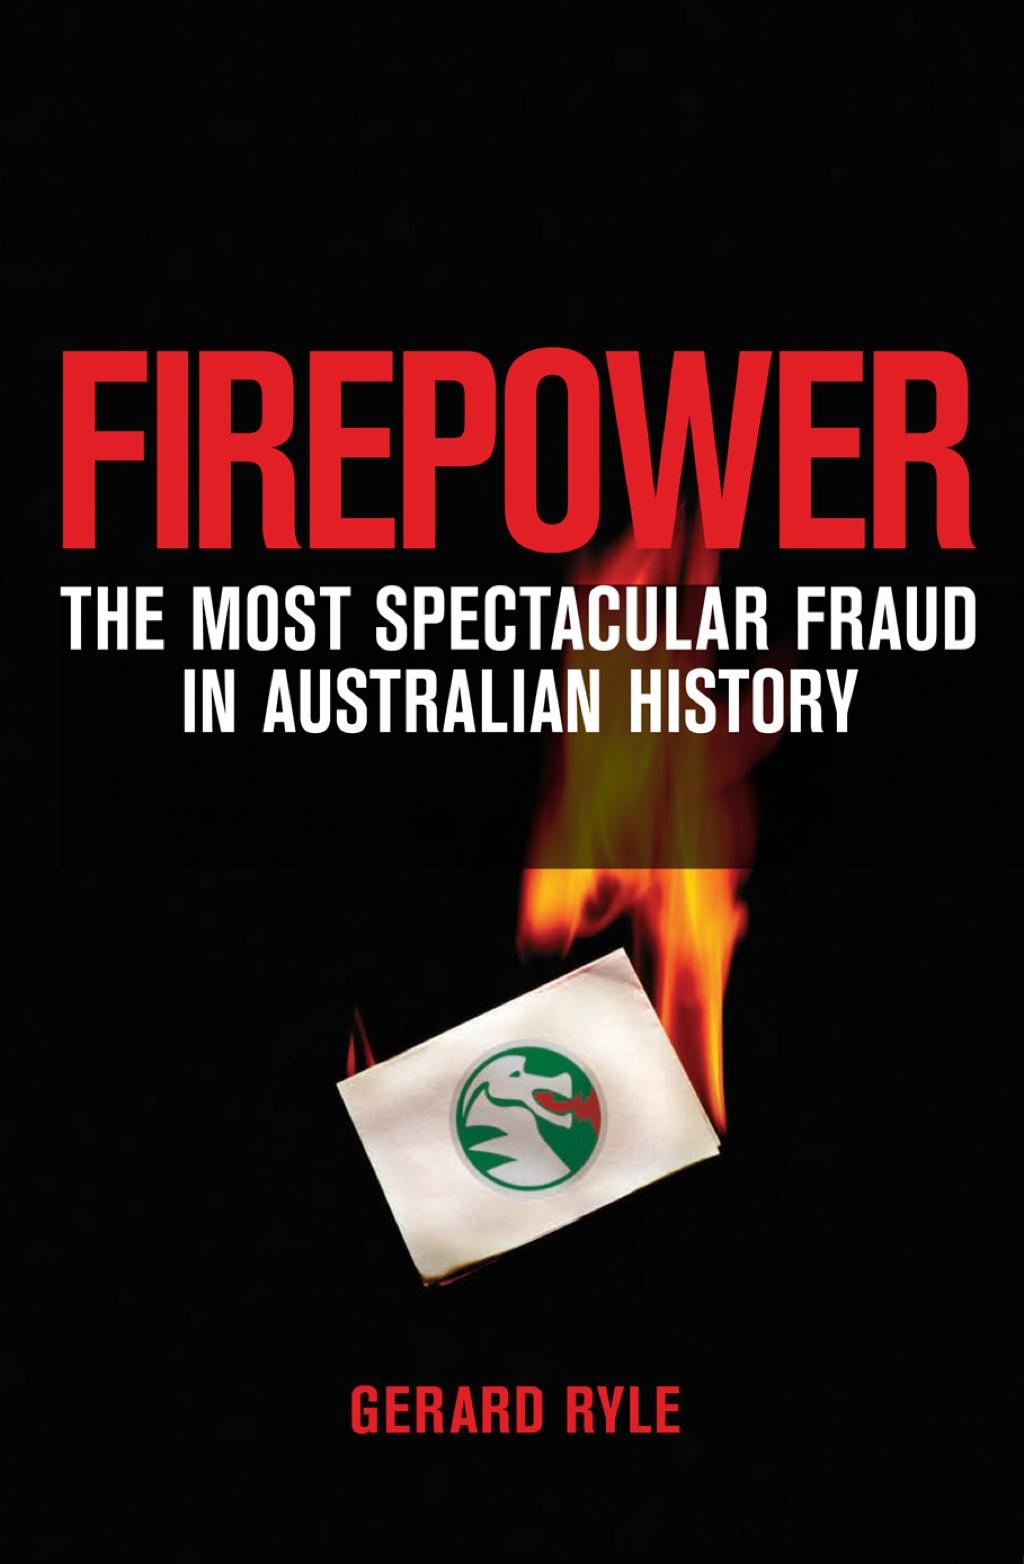 Firepower (eBook)